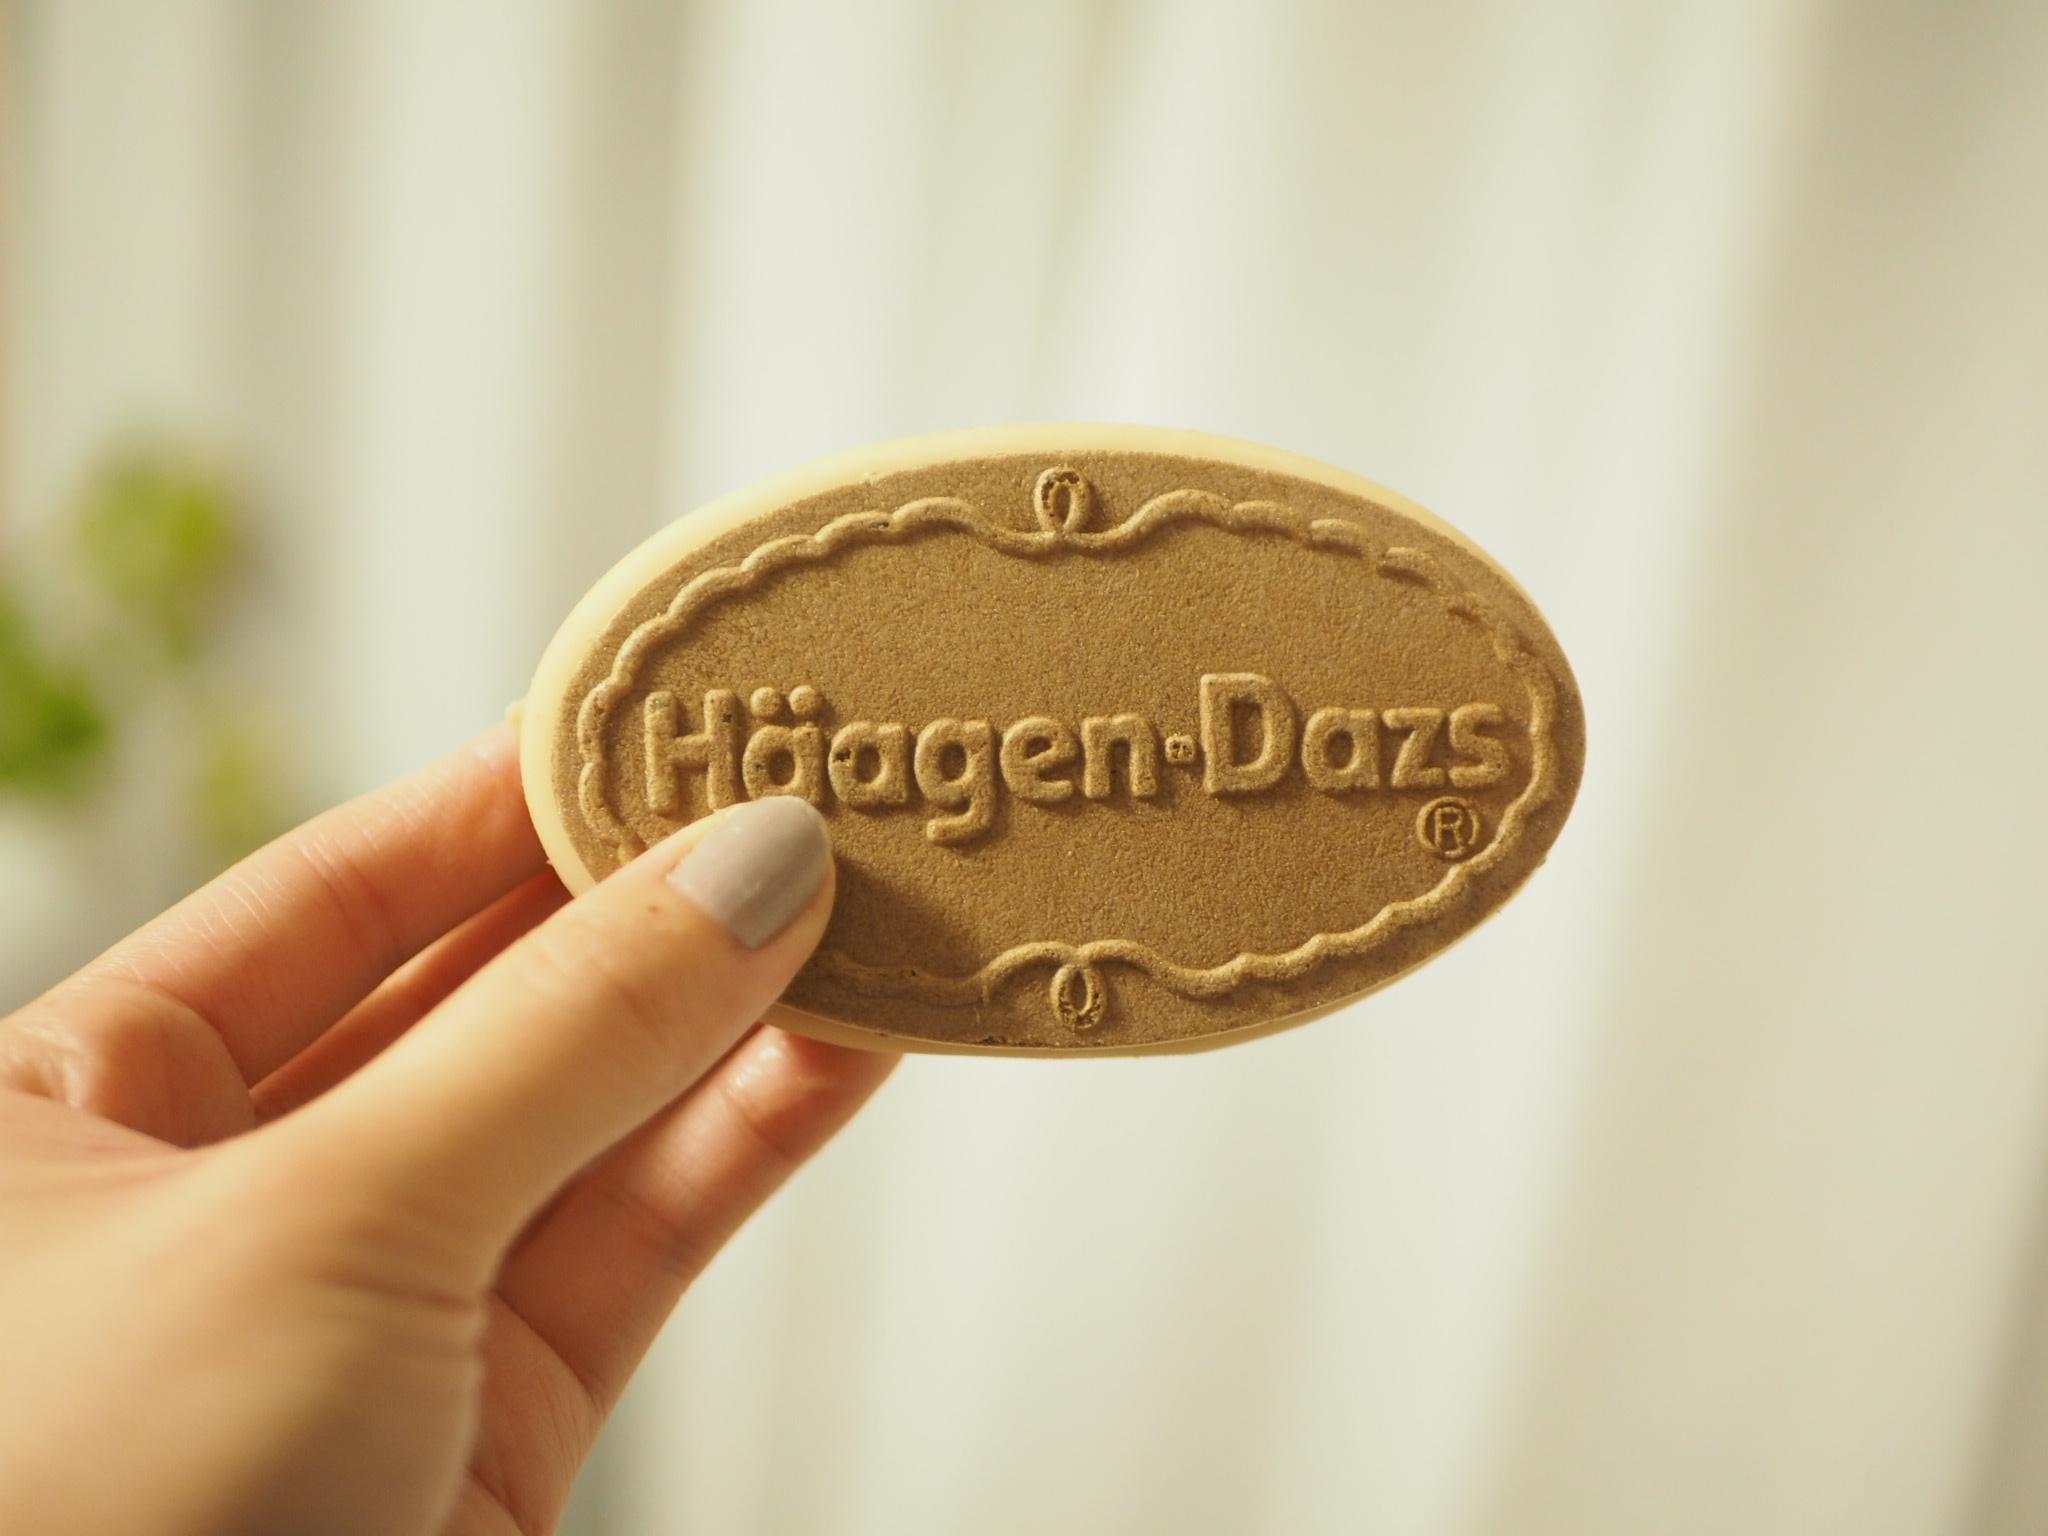 【ハーゲンダッツ新作】クリスピーサンドから《ミルクコーヒー》の新フレーバー❁*॰・_5